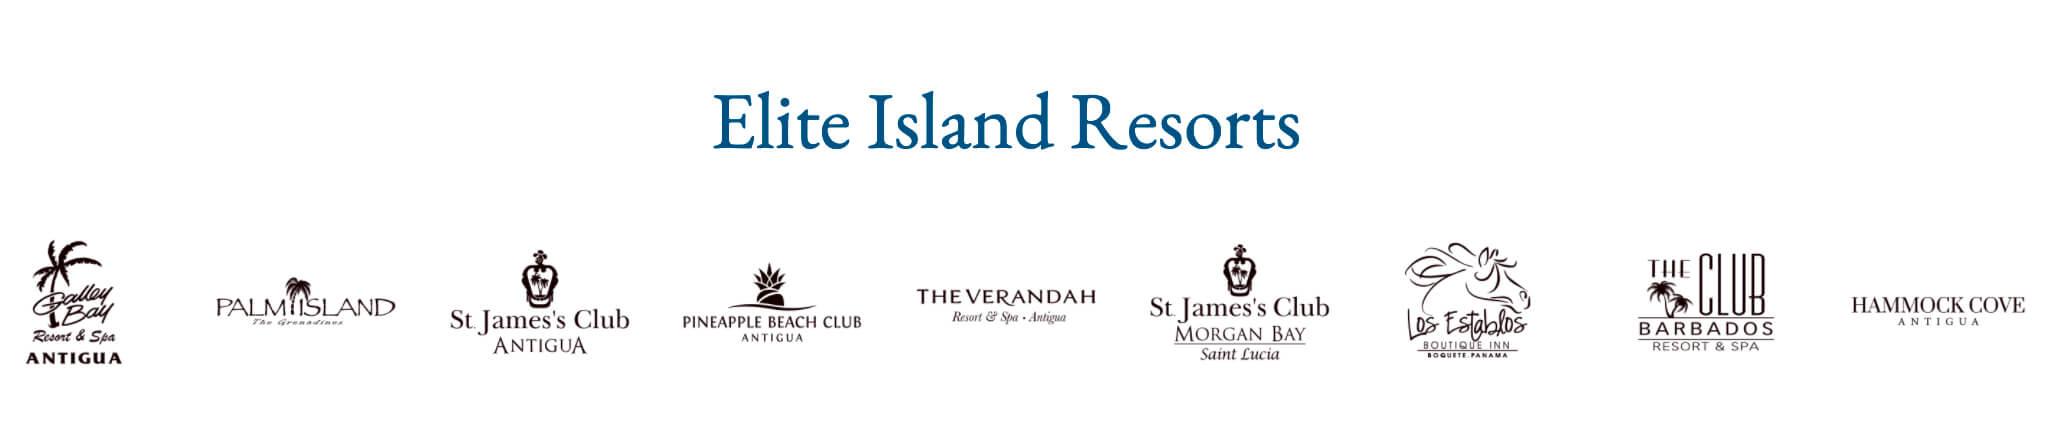 Elite Island